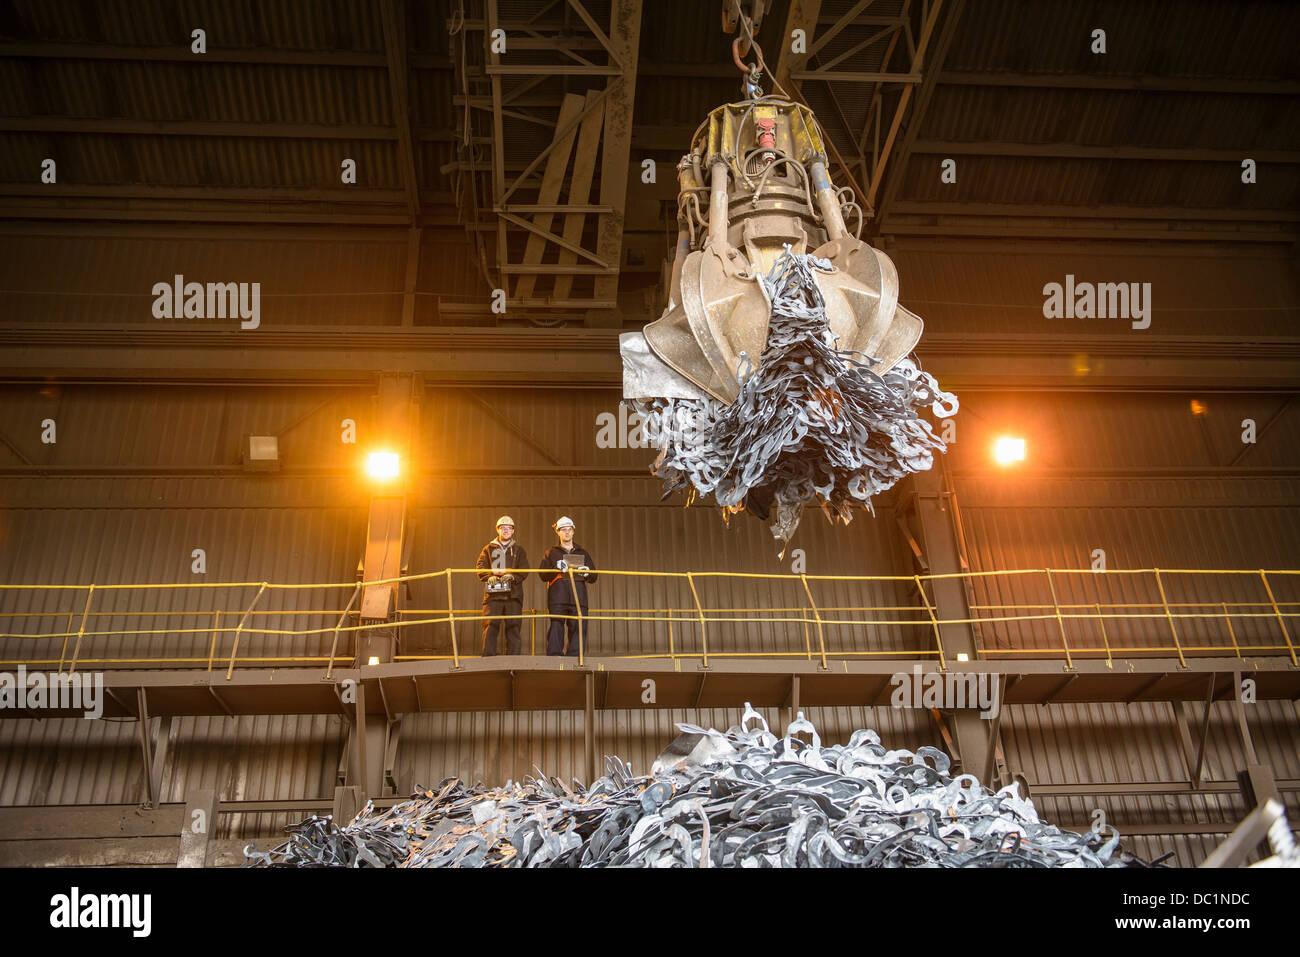 Os trabalhadores de siderurgia assistindo mecânica grabber na fundição de aço Imagens de Stock